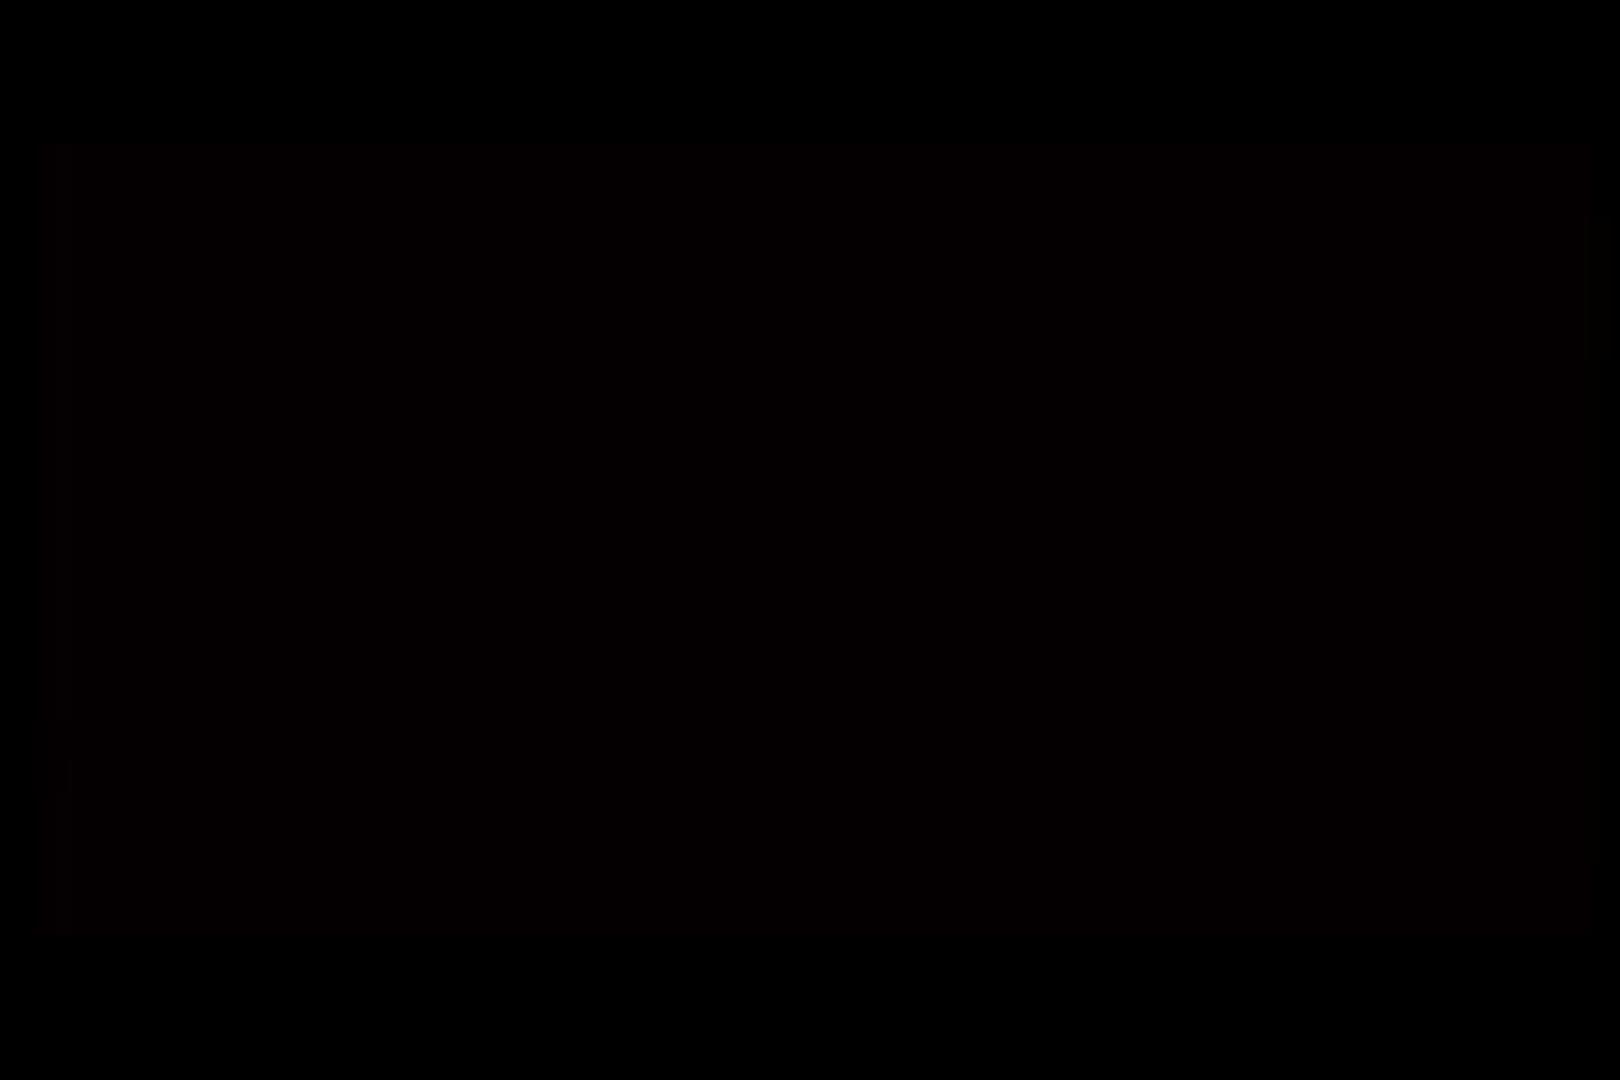 スジ筋ガチムチゴーグルマンvol2 ゴーグルマン ペニス画像 76画像 23